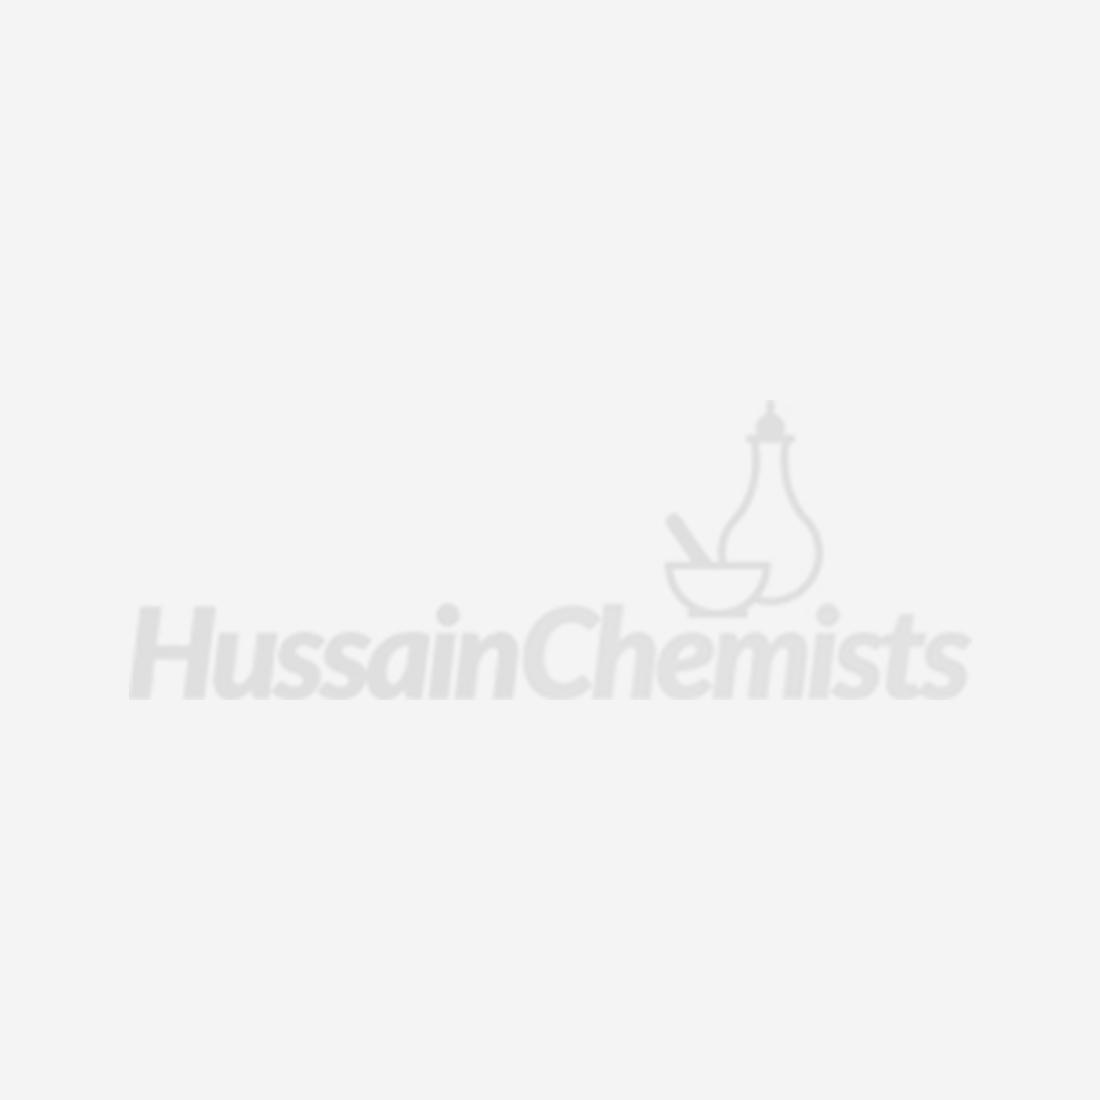 Munchkin Stainless Steel Bottle Brush & Refill Brush Head